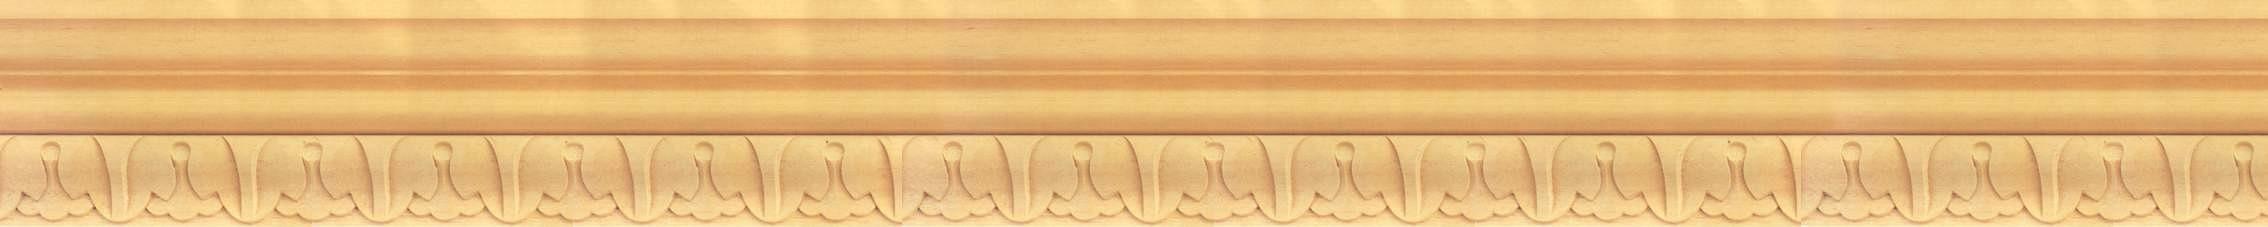 木线贴图素材的图片【645】